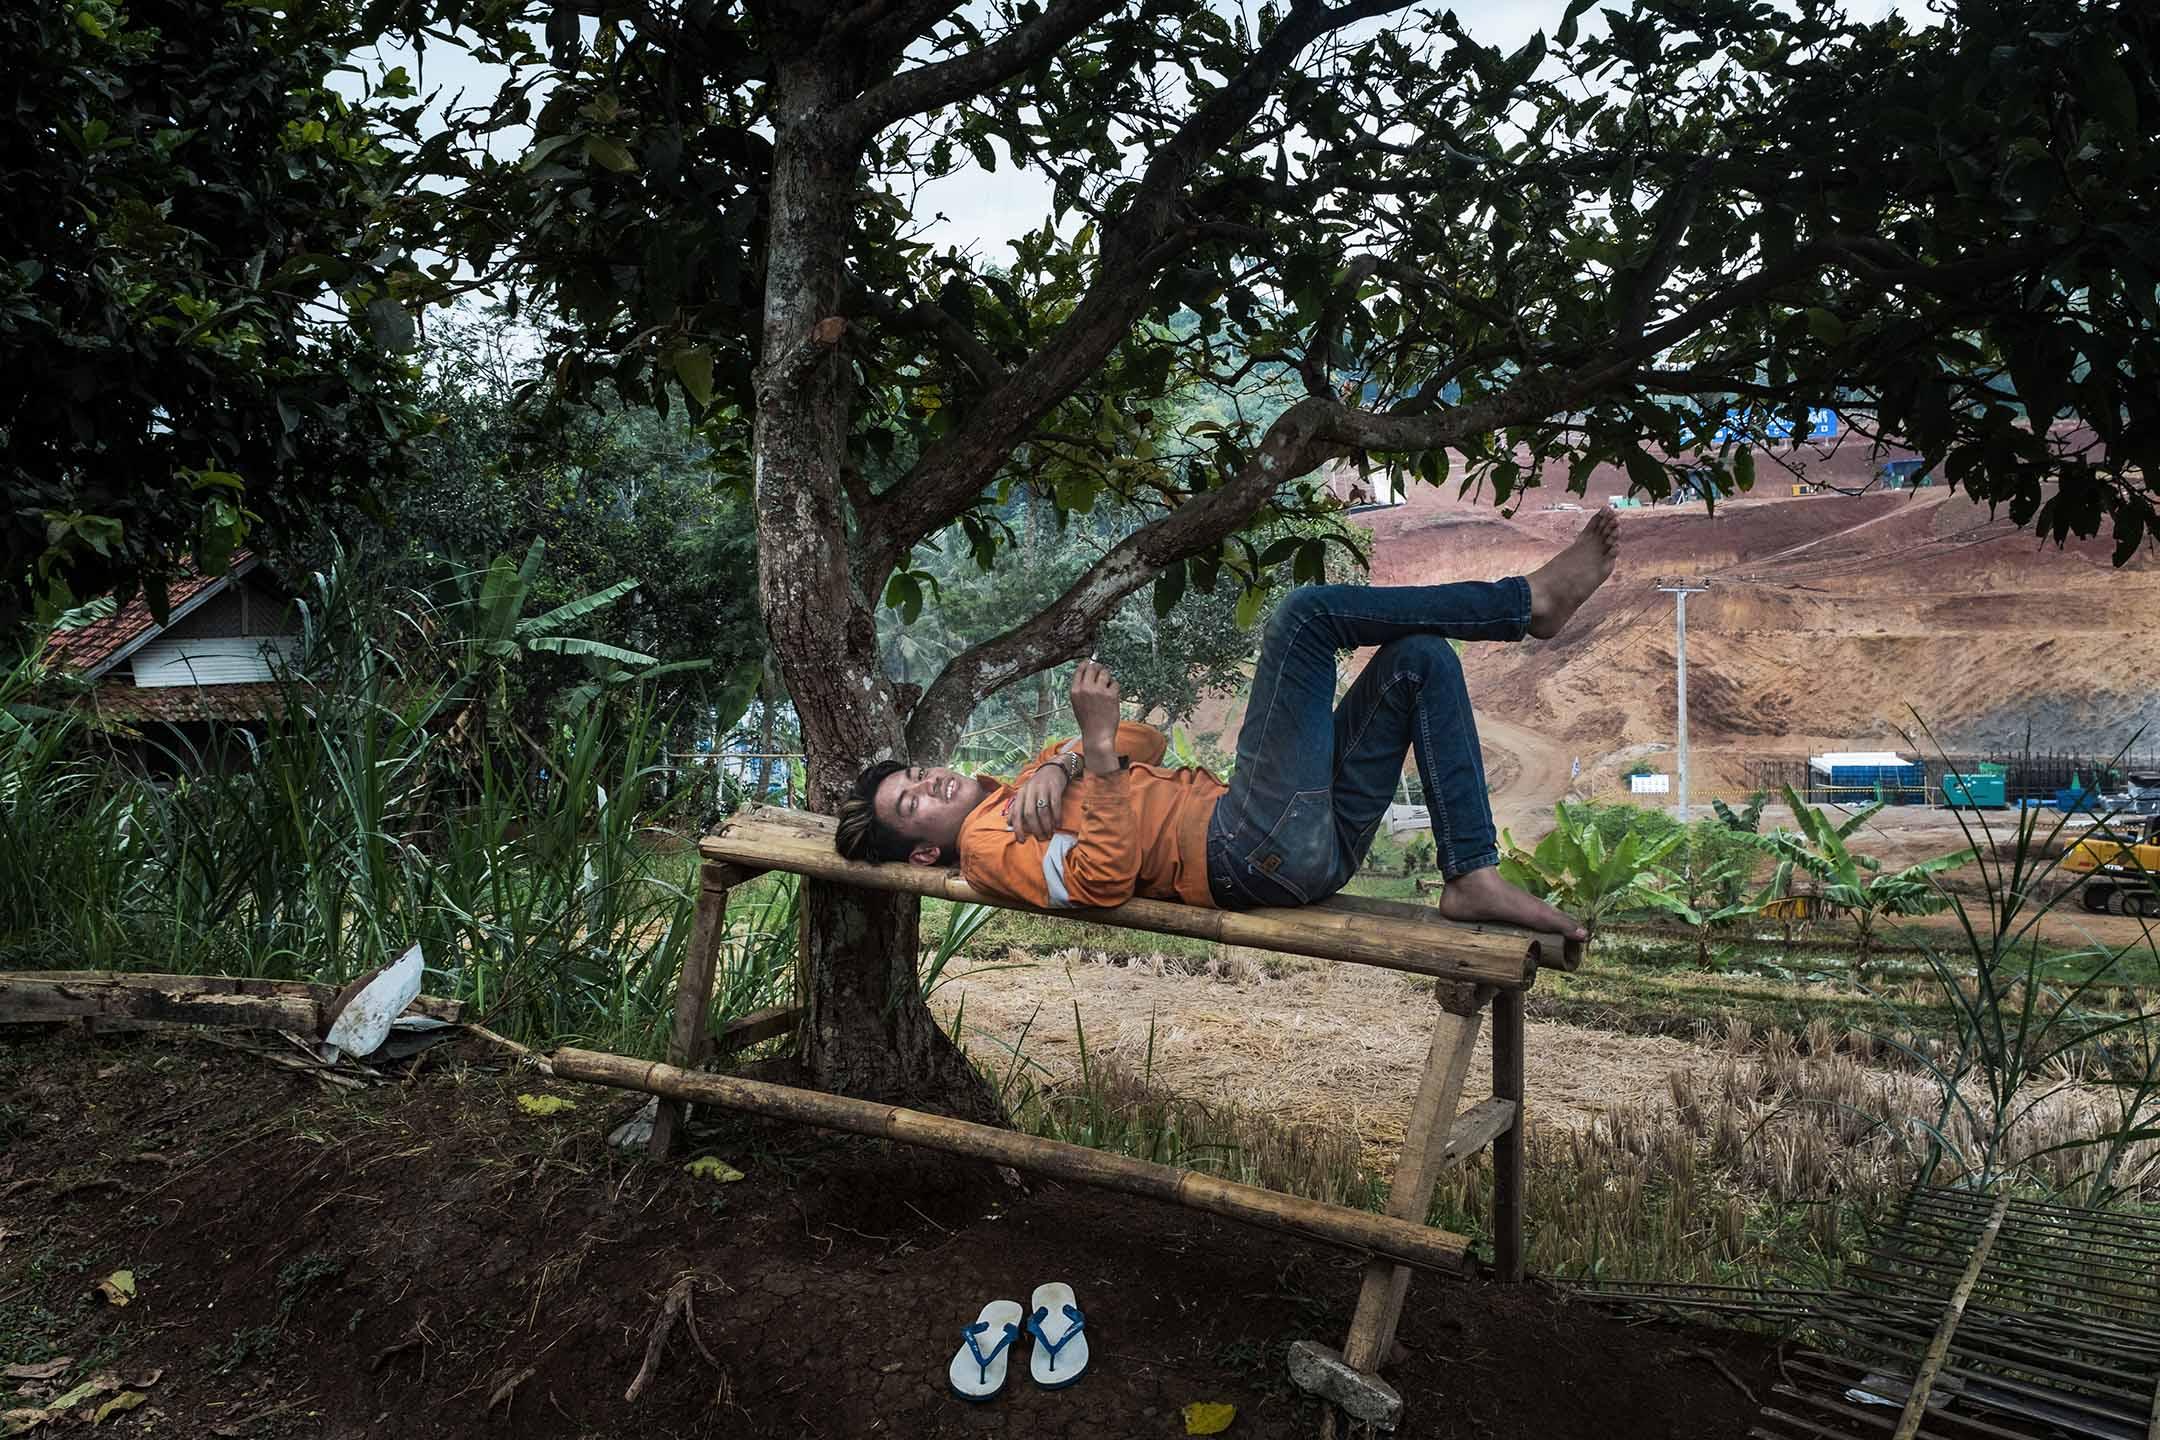 印尼雅萬高鐵碰上徵地問題,進度嚴重落後。圖為一名工人在雅萬高鐵隧道工地前休息。 攝:陳焯煇/端傳媒